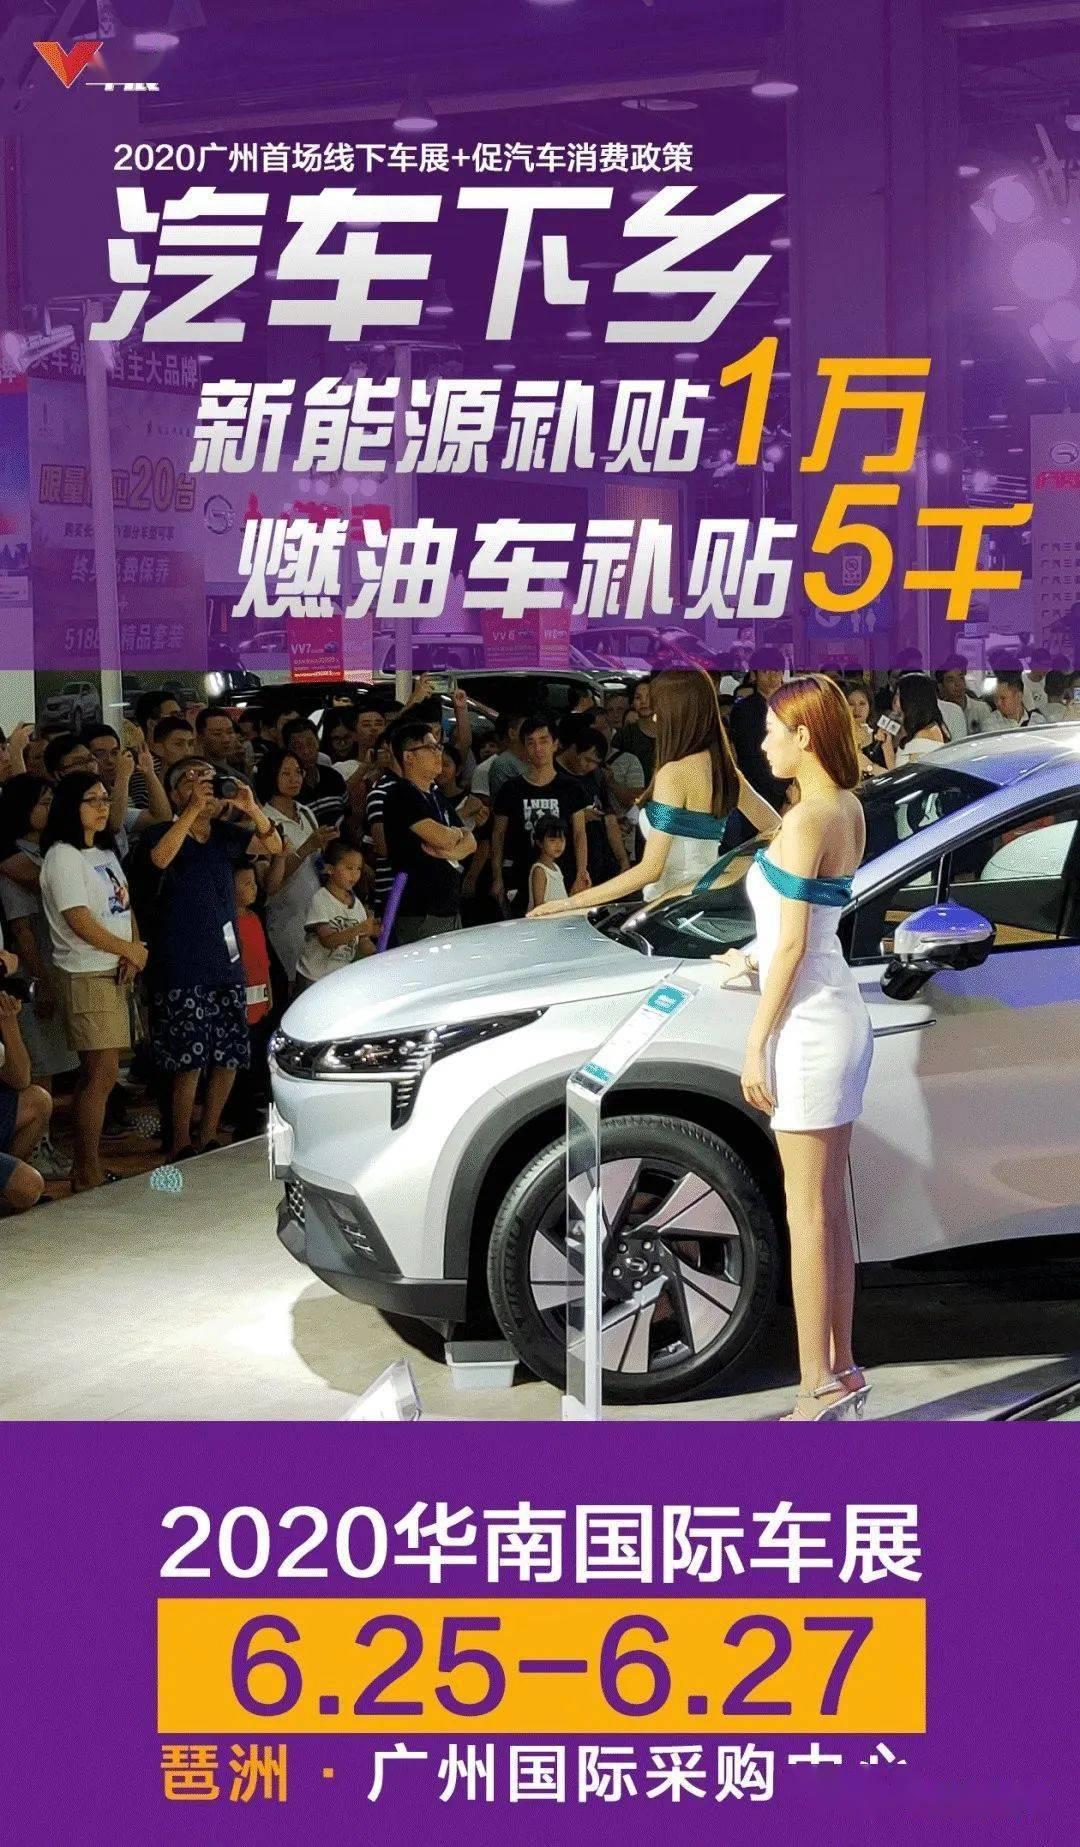 2020北京国际车展交通出行提示您收好